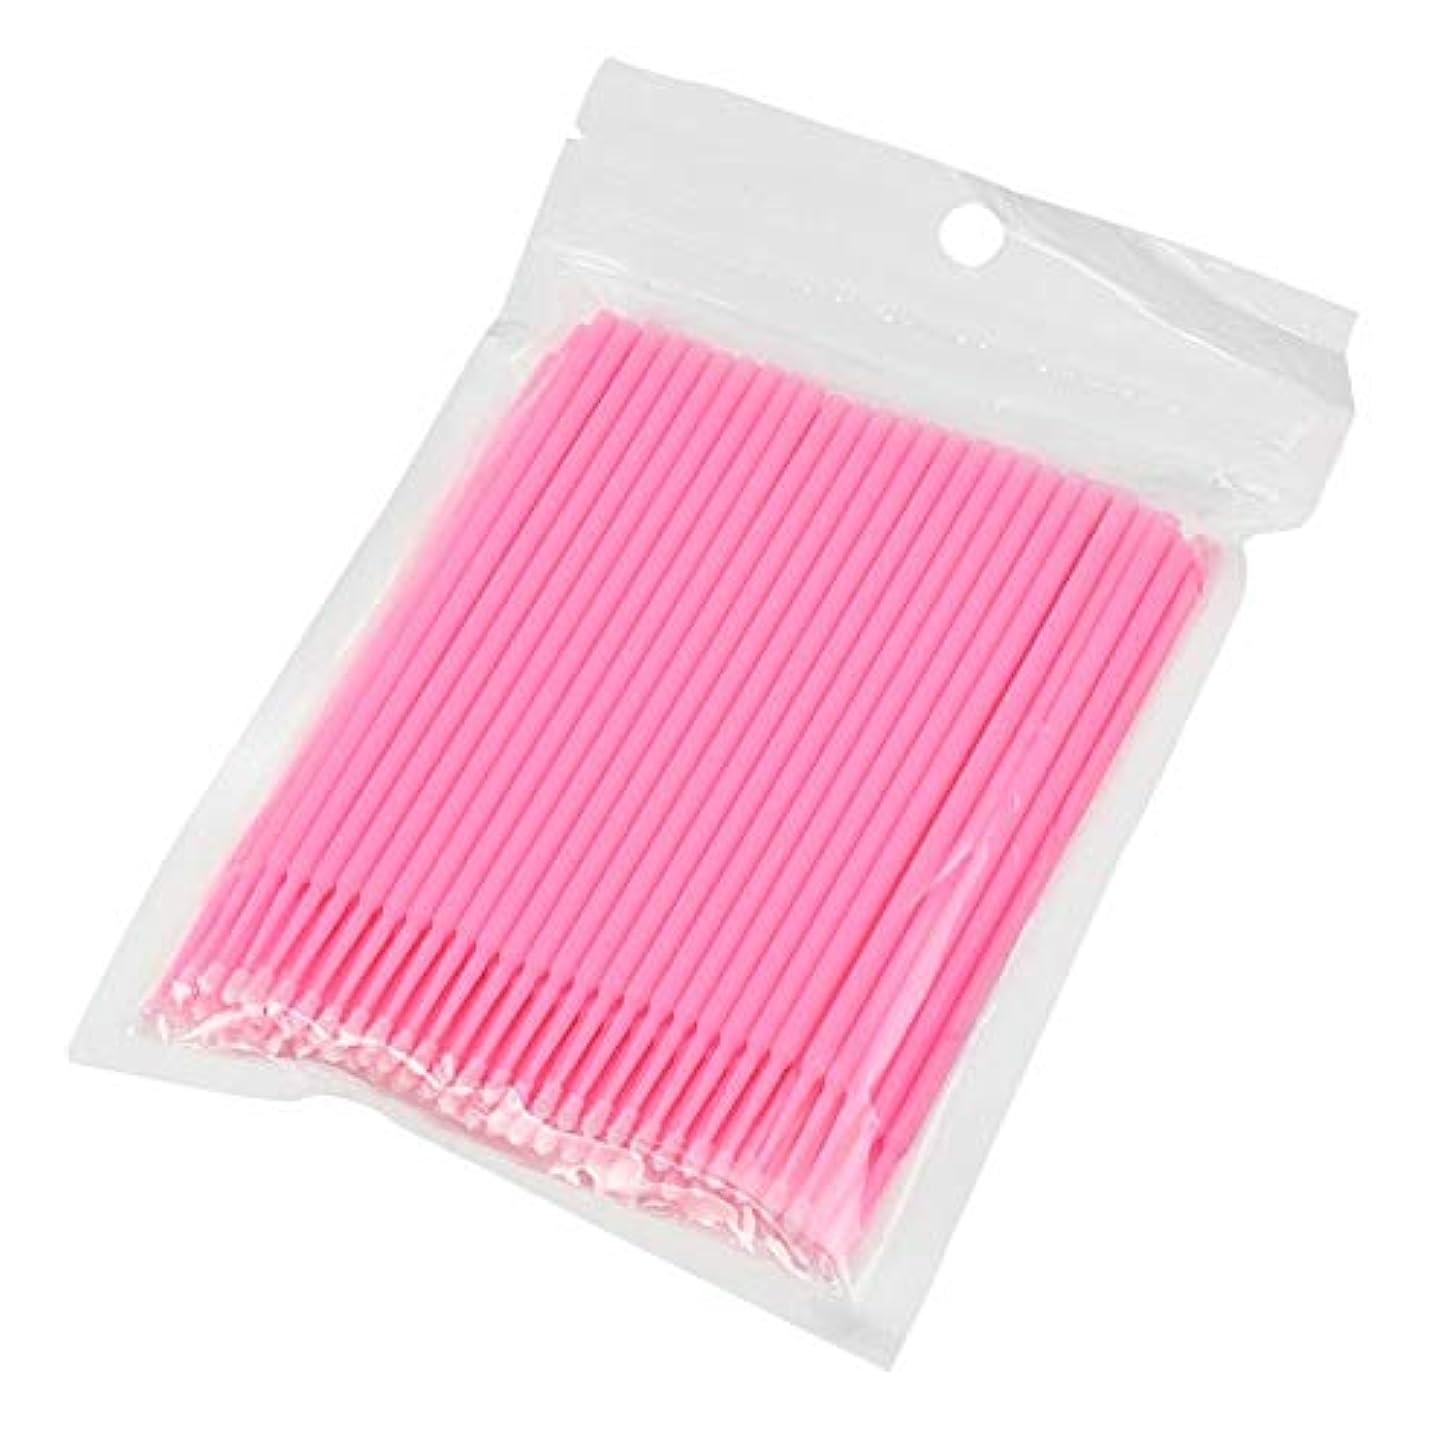 見せます雪だるまを作る揃える100ピース使い捨てマイクロブラシ綿棒アプリケーターチューブ用まつげエクステンション接着剤除去まつ毛グラフトツール(Color:Pink)